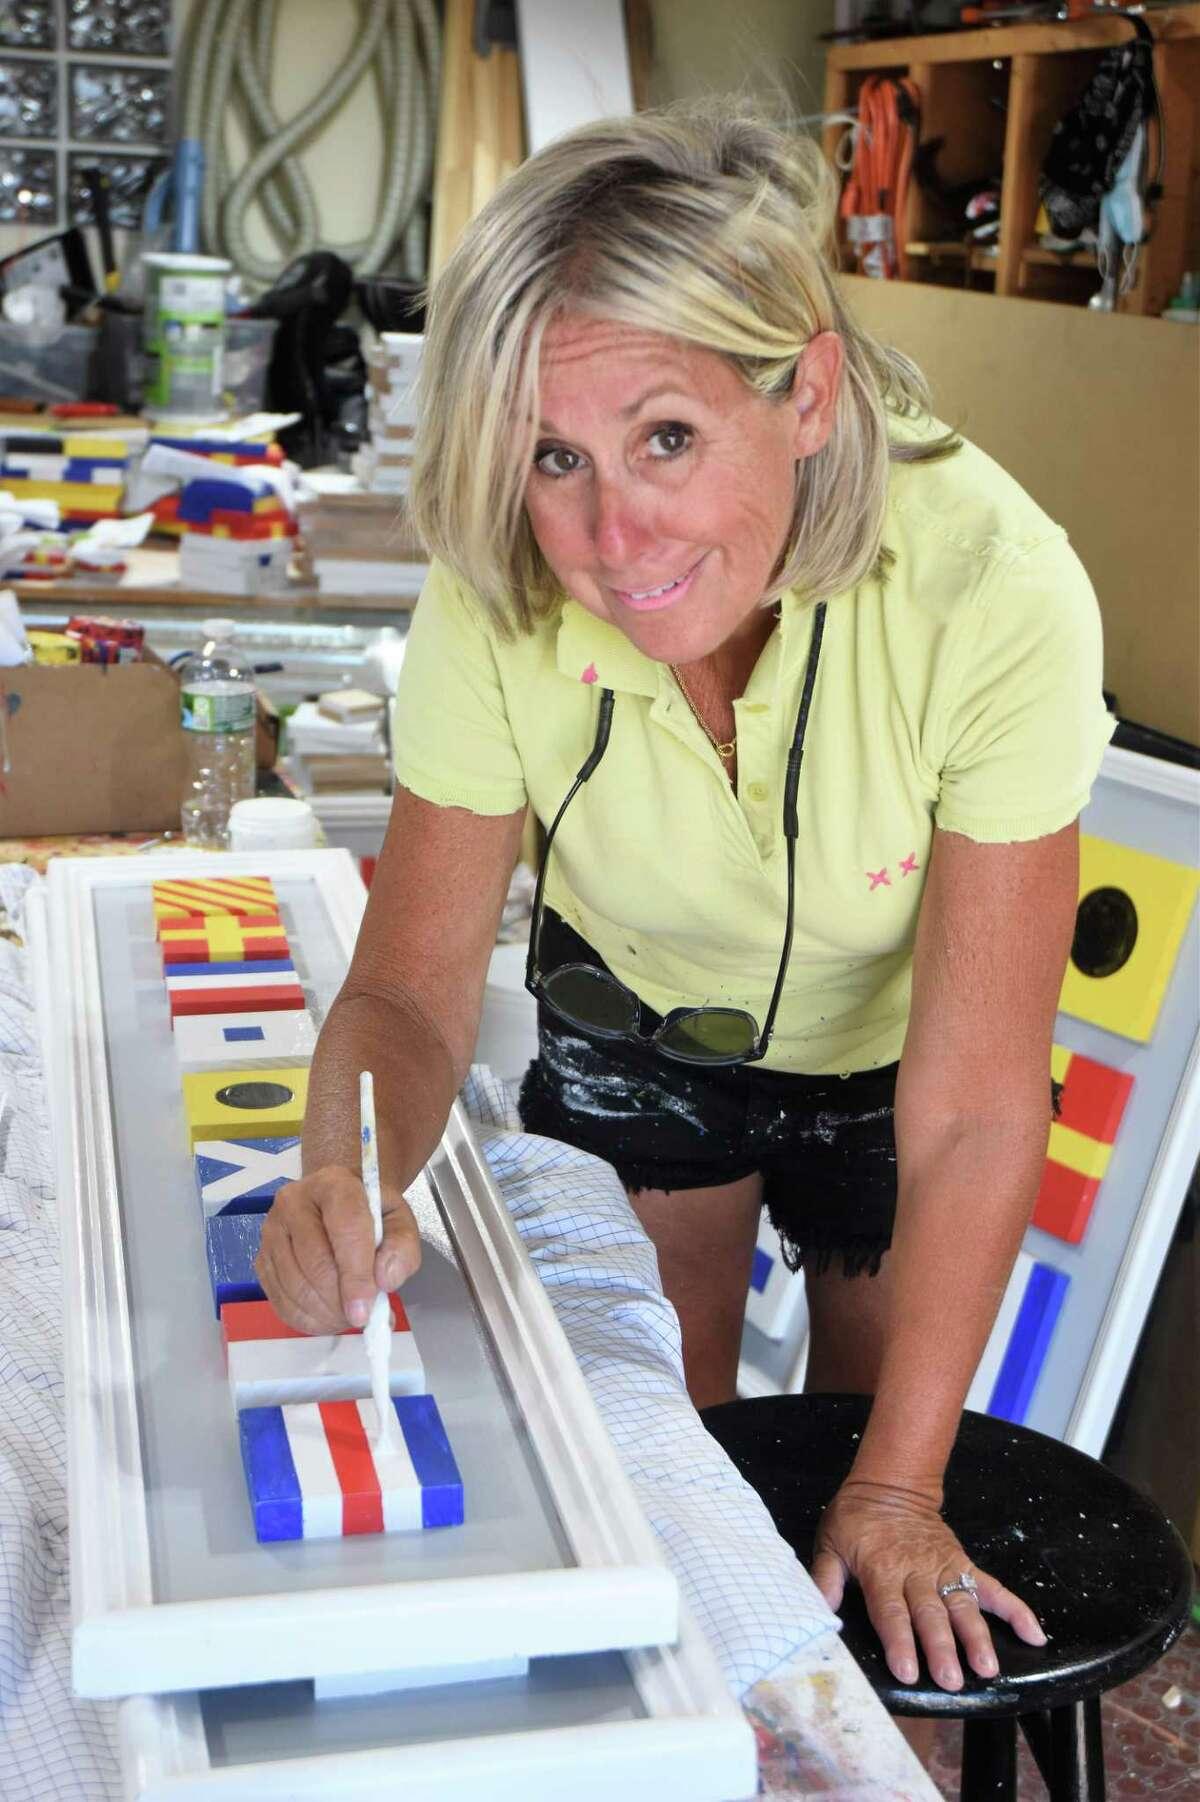 Pam Hadden Tomlin working in her garage studio.